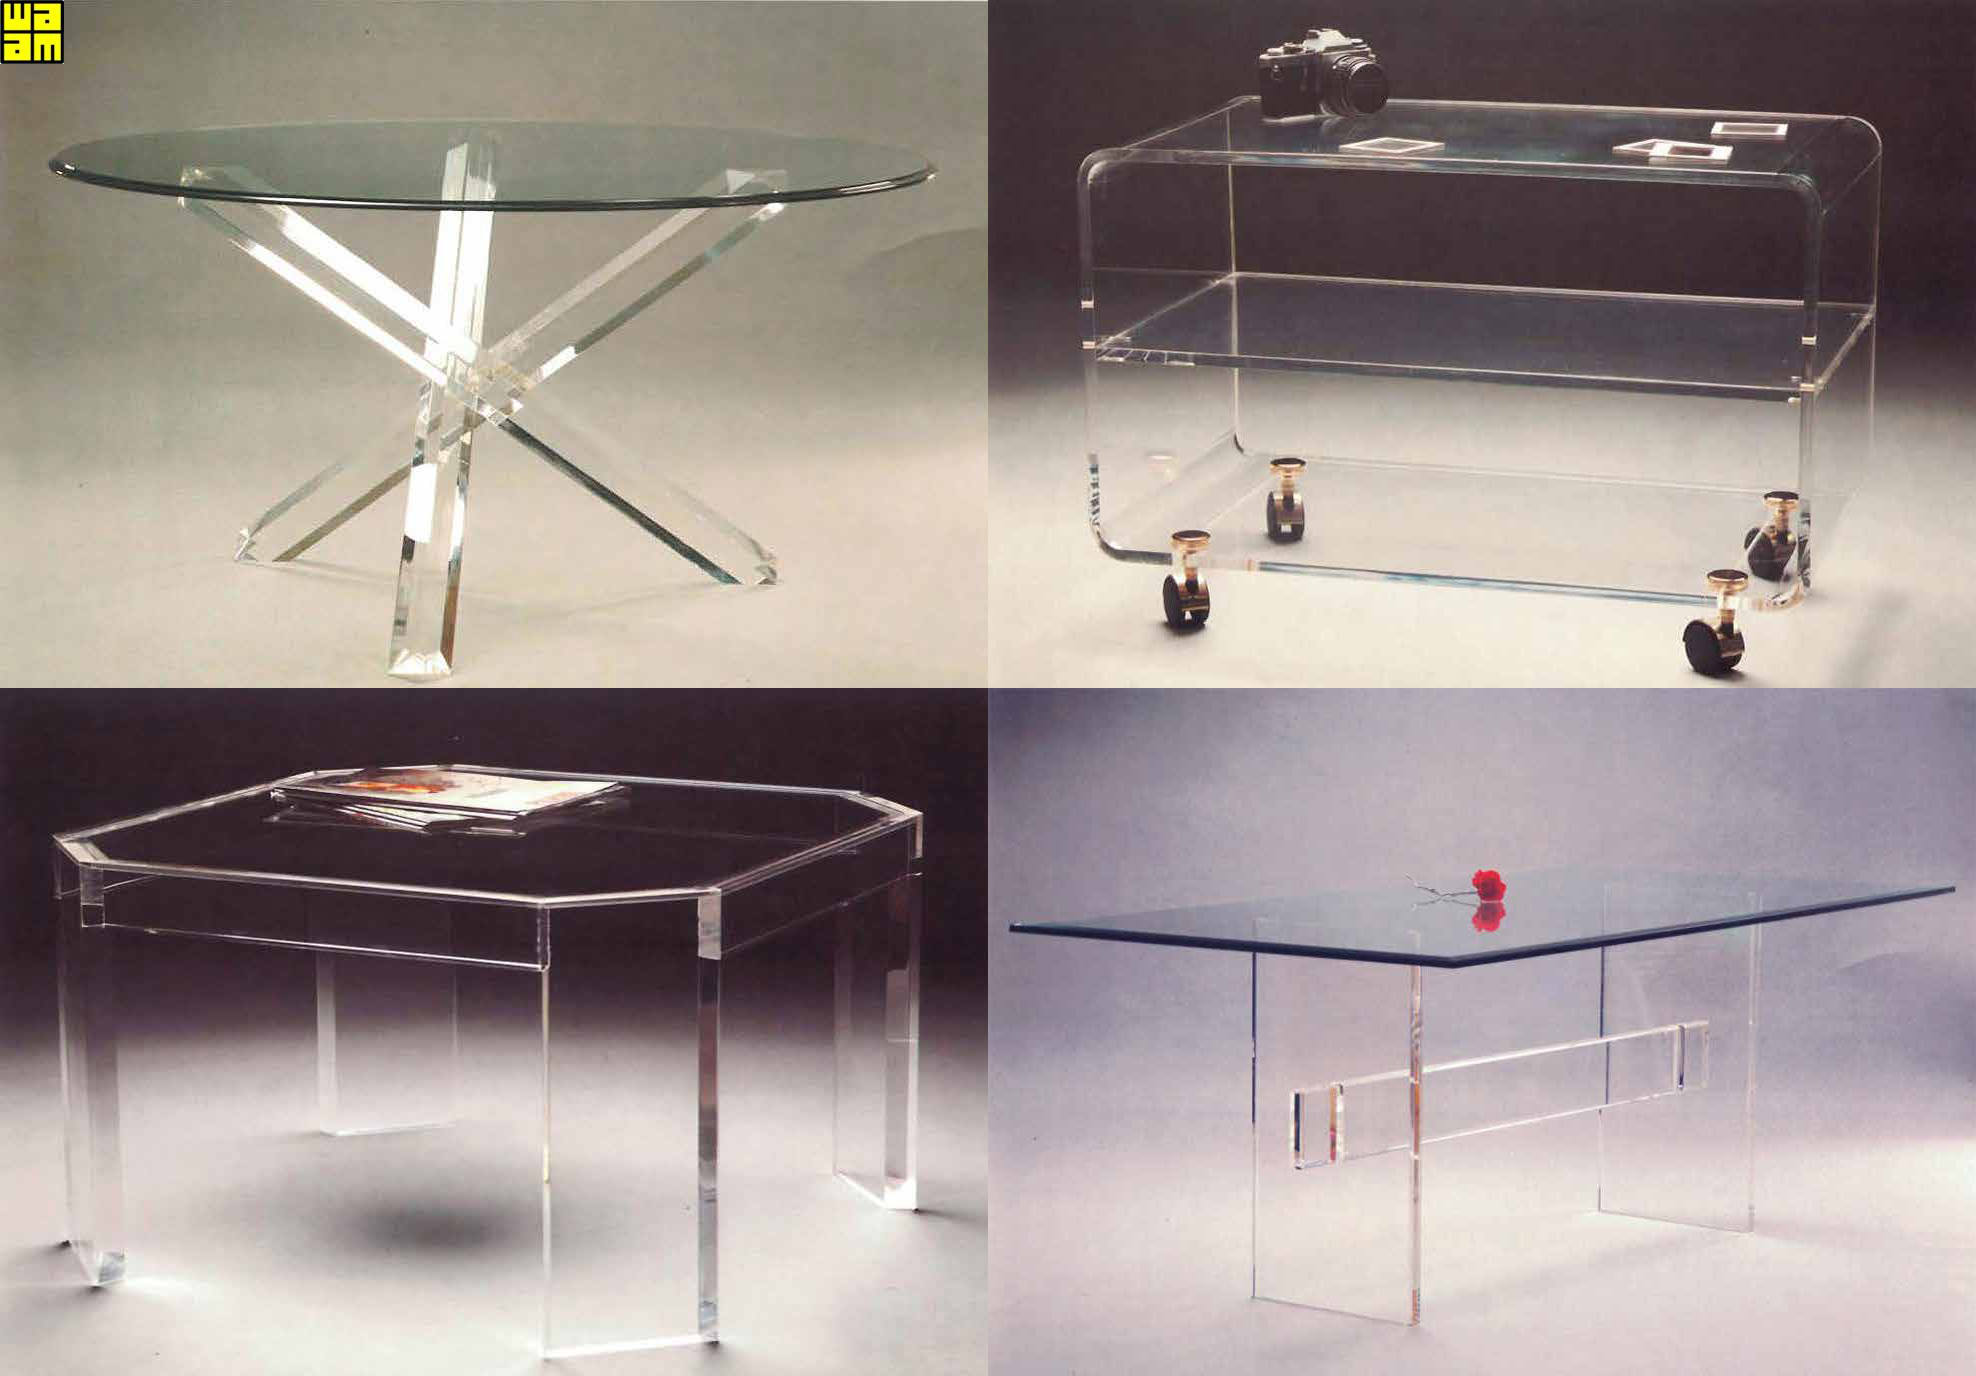 Muebles en metacrilato con estantes de cristal Catálogo propio _ Waam S.L.